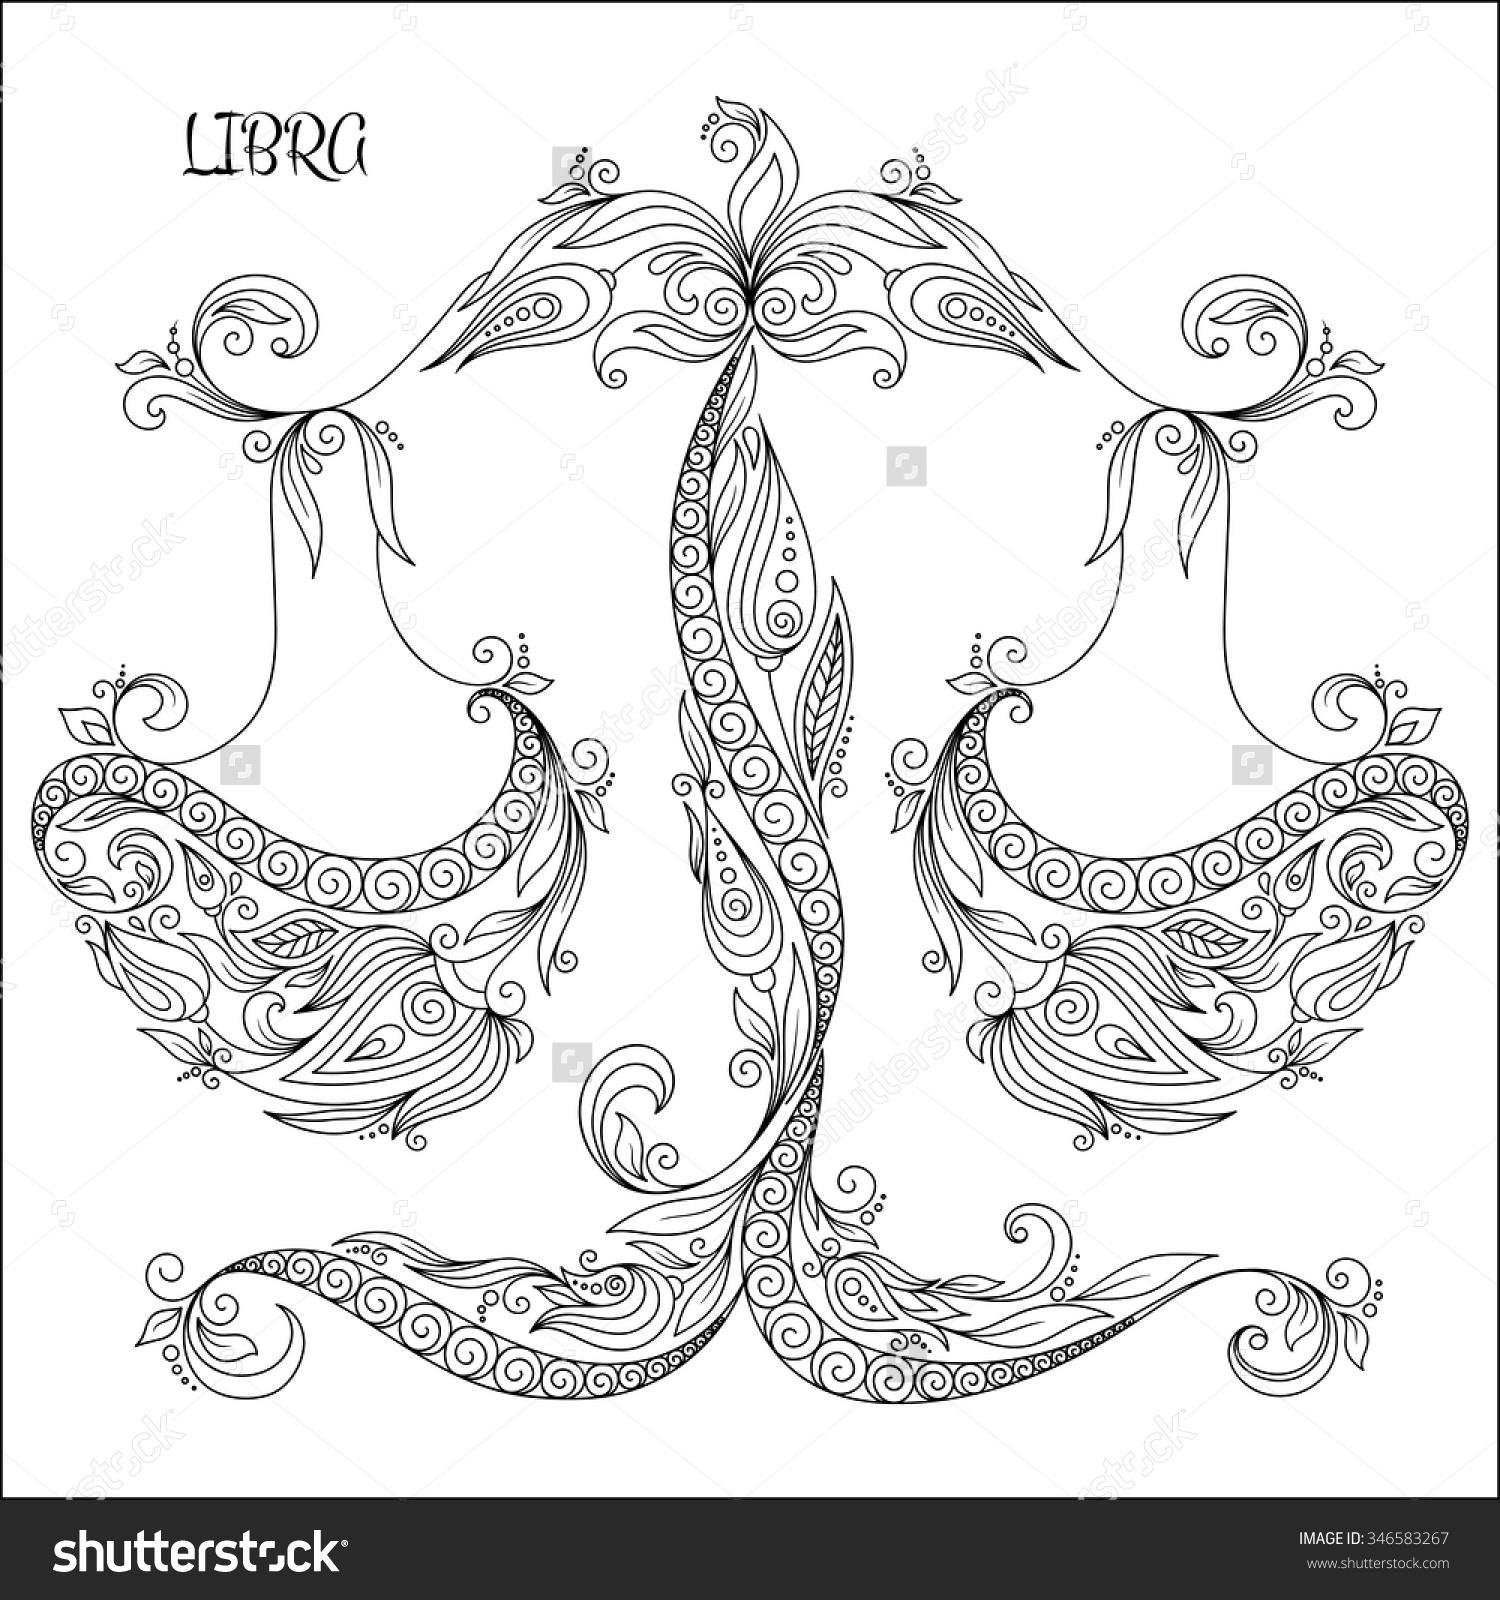 Libra coloring #15, Download drawings